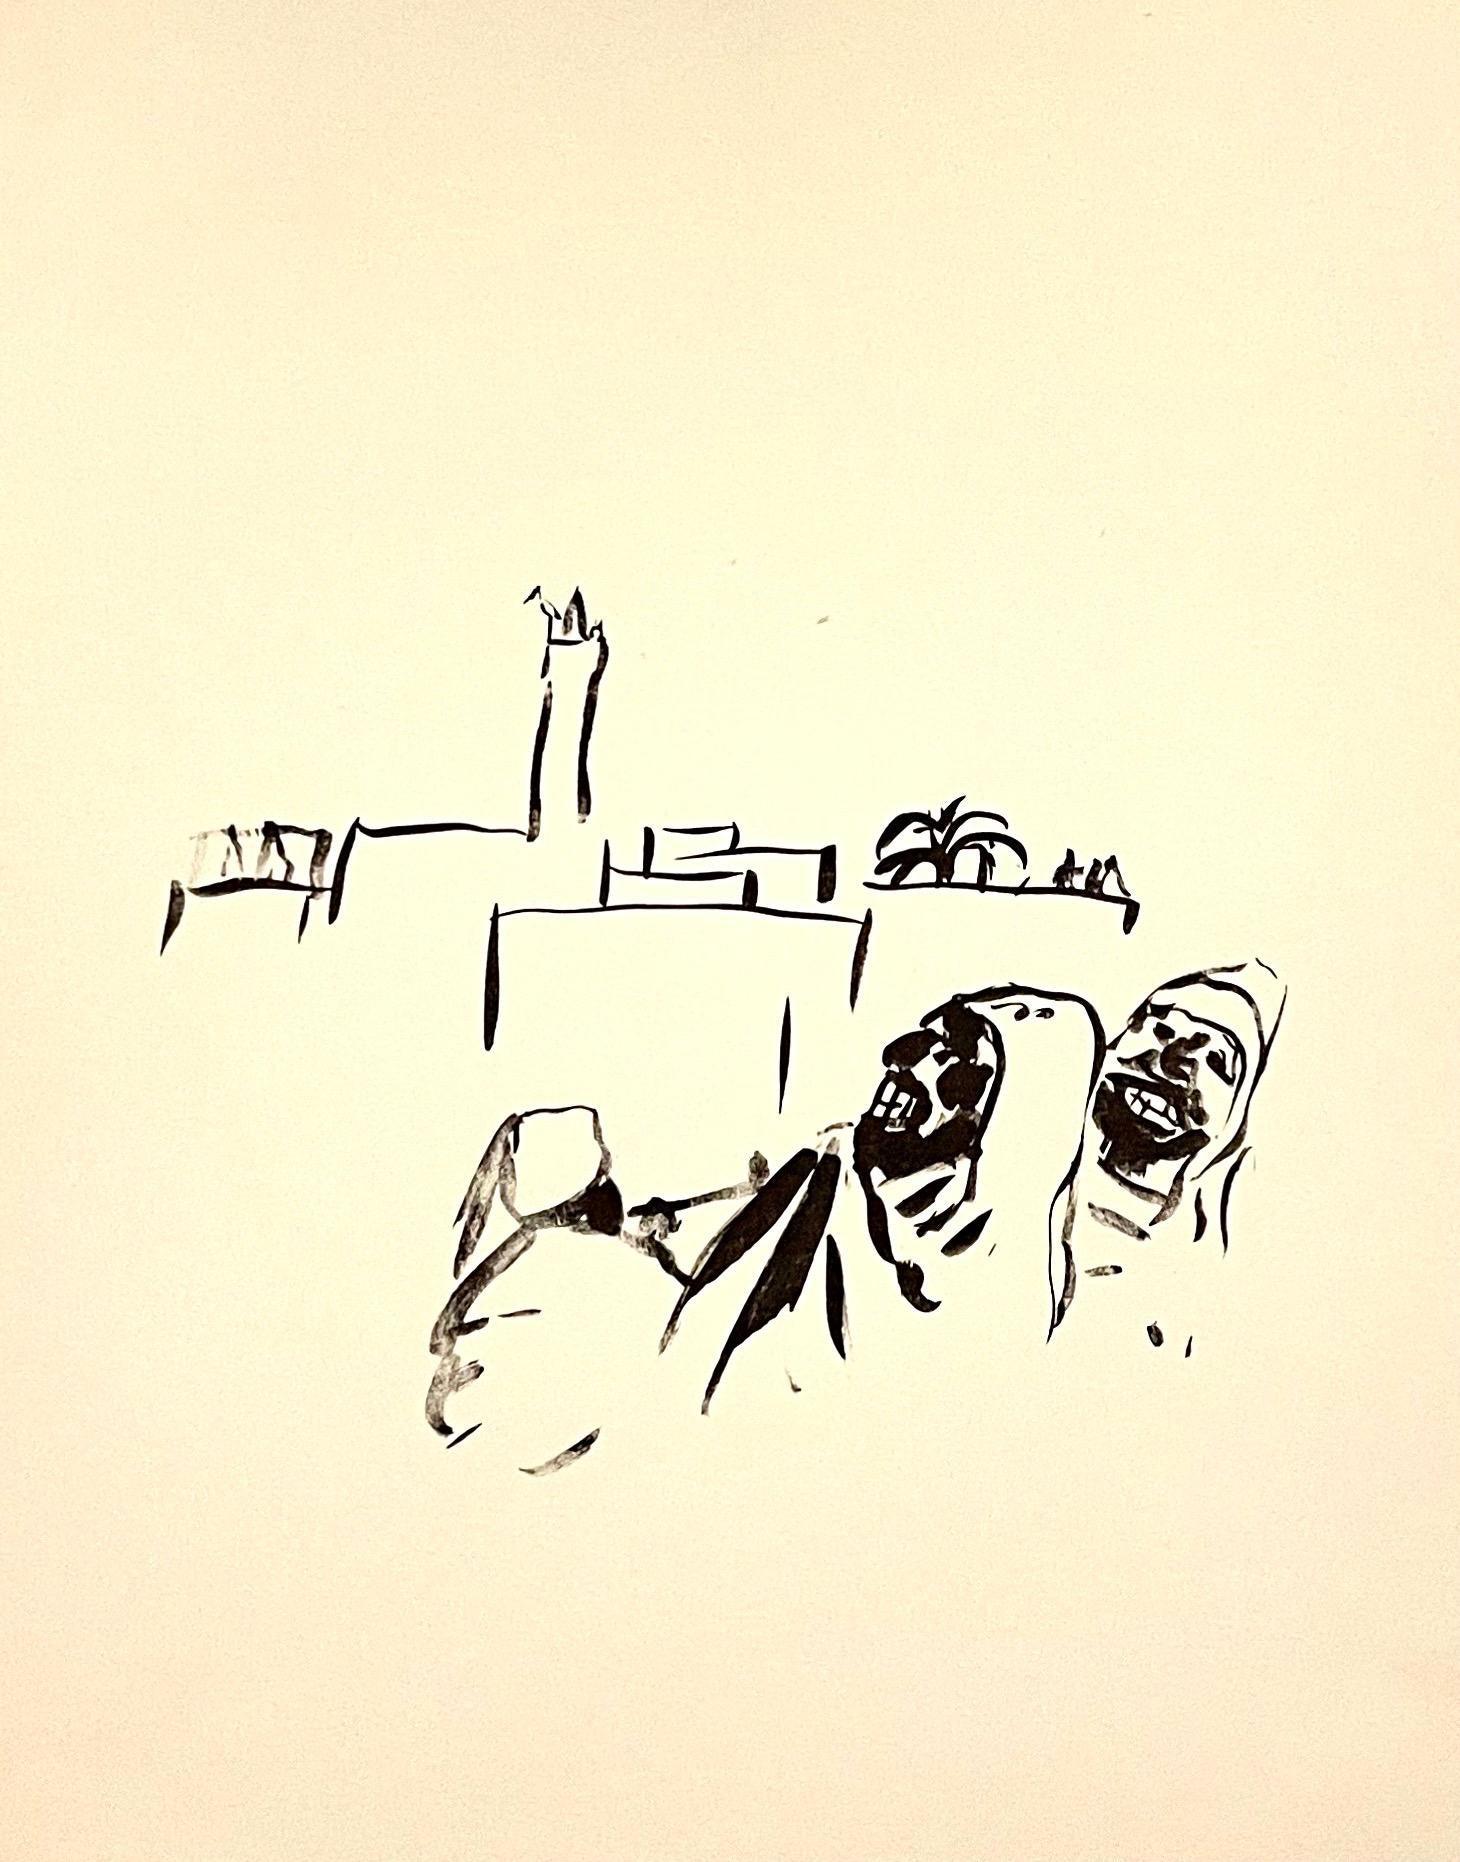 Pierre Bonnard Lithograph Printed at Mourlot Paris 1958 Mosque Minaret, Village